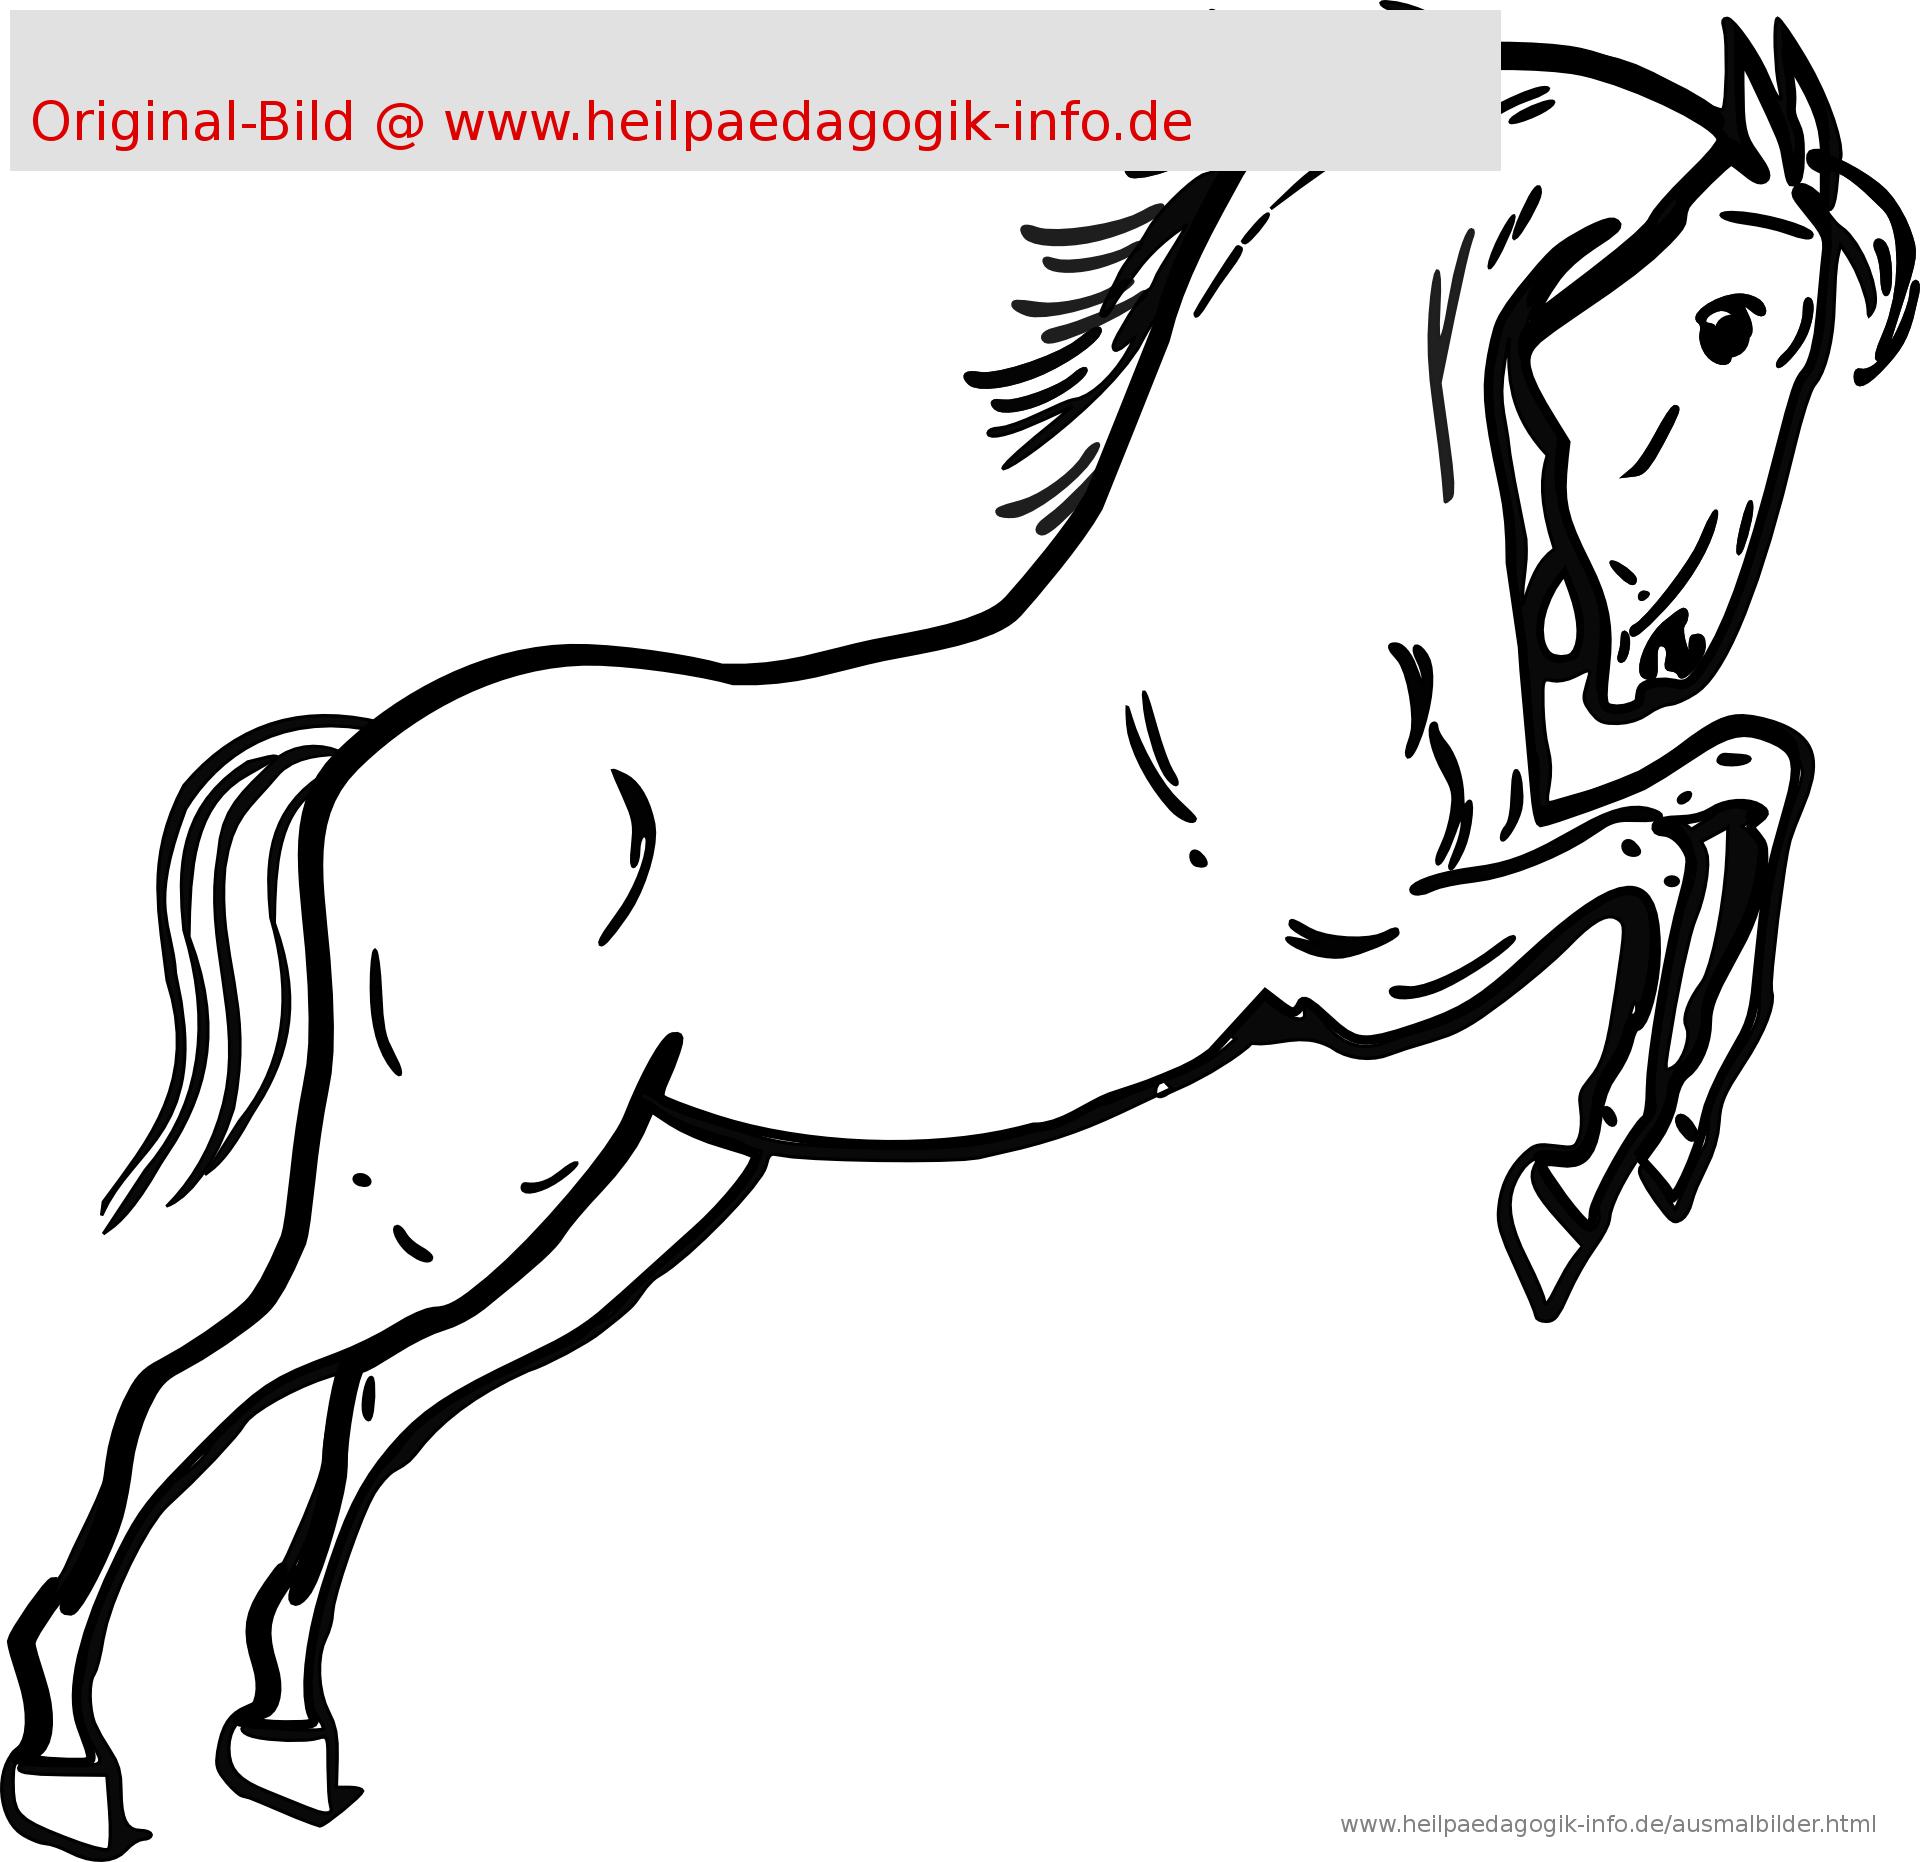 Malvorlage Pferdekopf Einfach | Coloring And Malvorlagan bestimmt für Malvorlage Pferdekopf